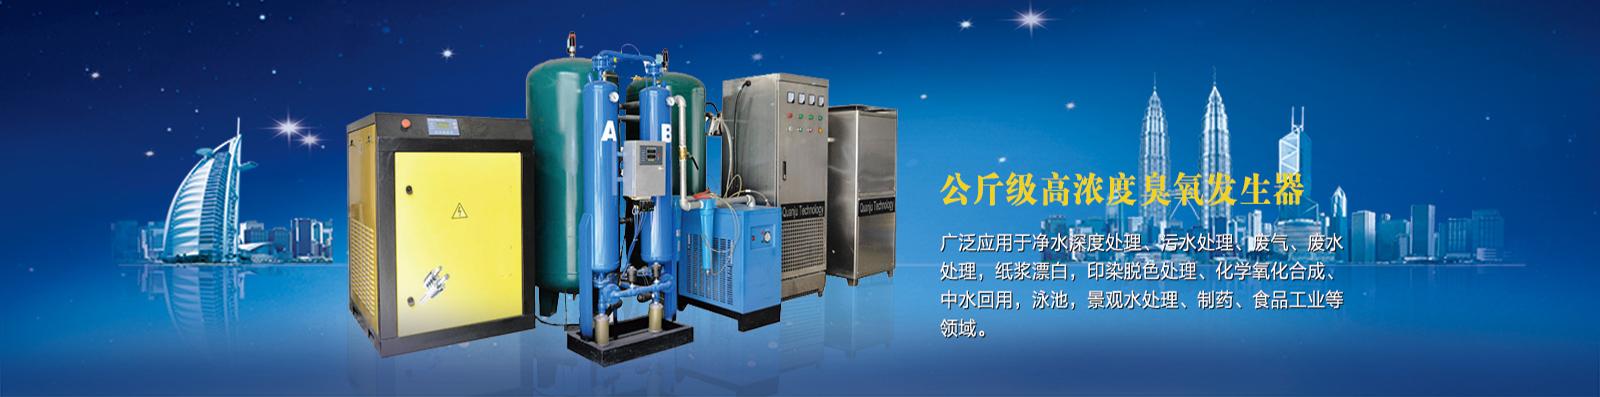 _配套产品_广州铨聚臭氧科技有限公司